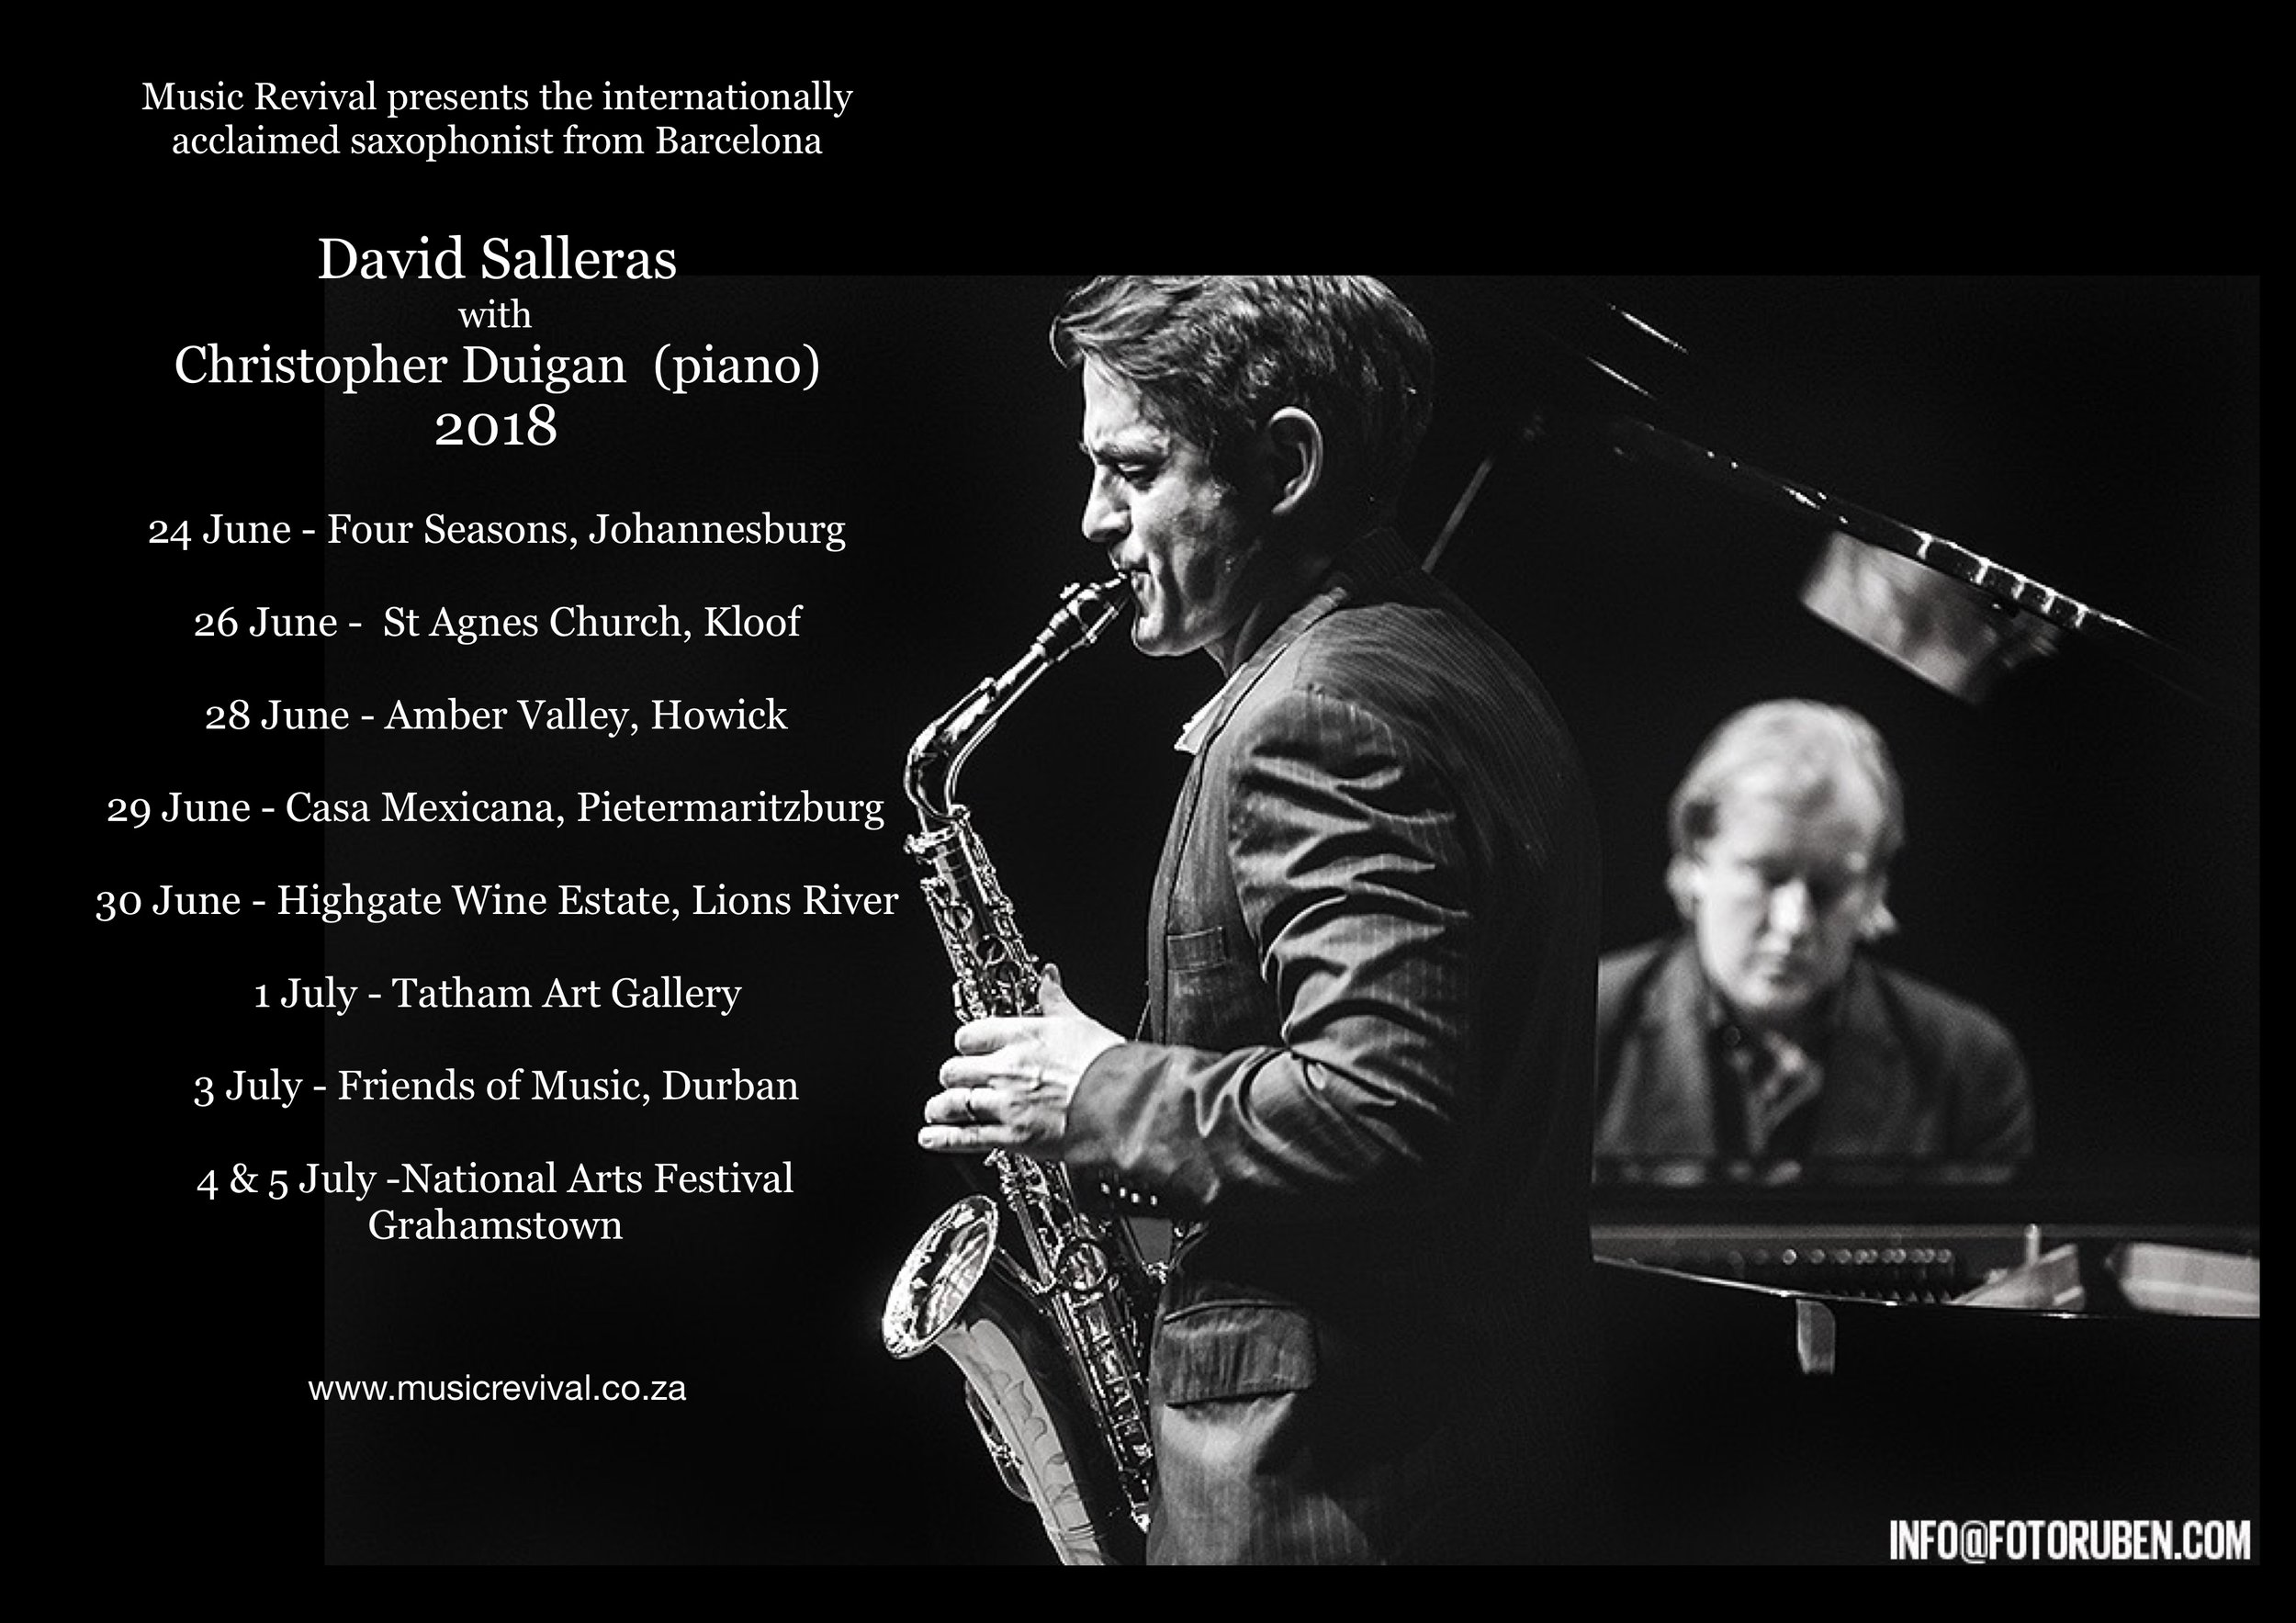 David Salleras and Christopher Duigan tour 2018